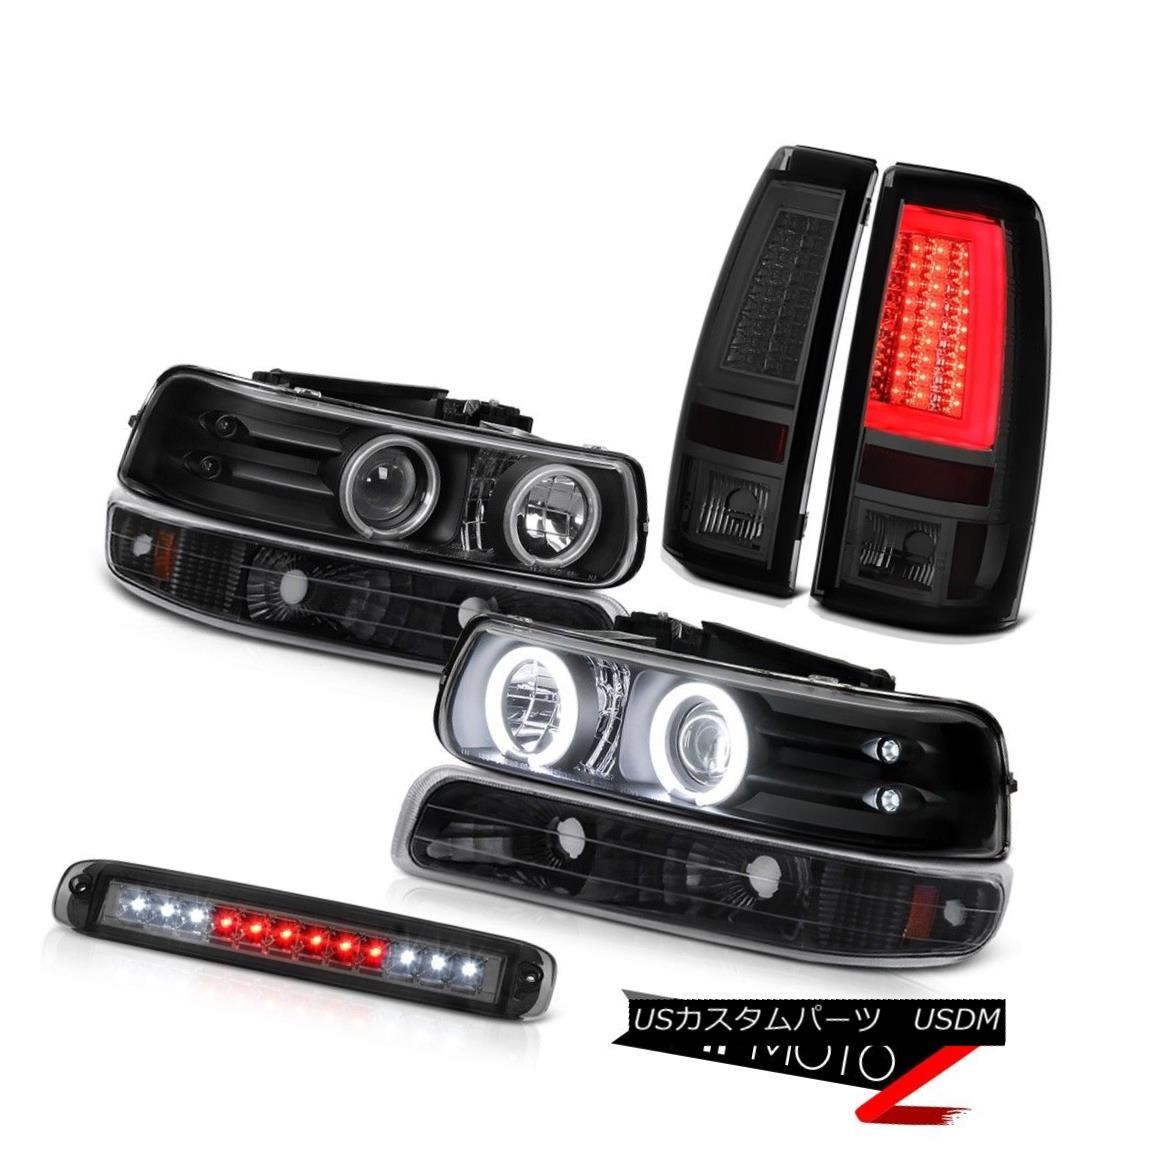 テールライト 1999-2002 Silverado WT Tail Lamps 3rd Brake Light Black Signal Headlamps Cool 1999-2002 Silverado WTテールランプ第3ブレーキライトブラック信号ヘッドランプクール